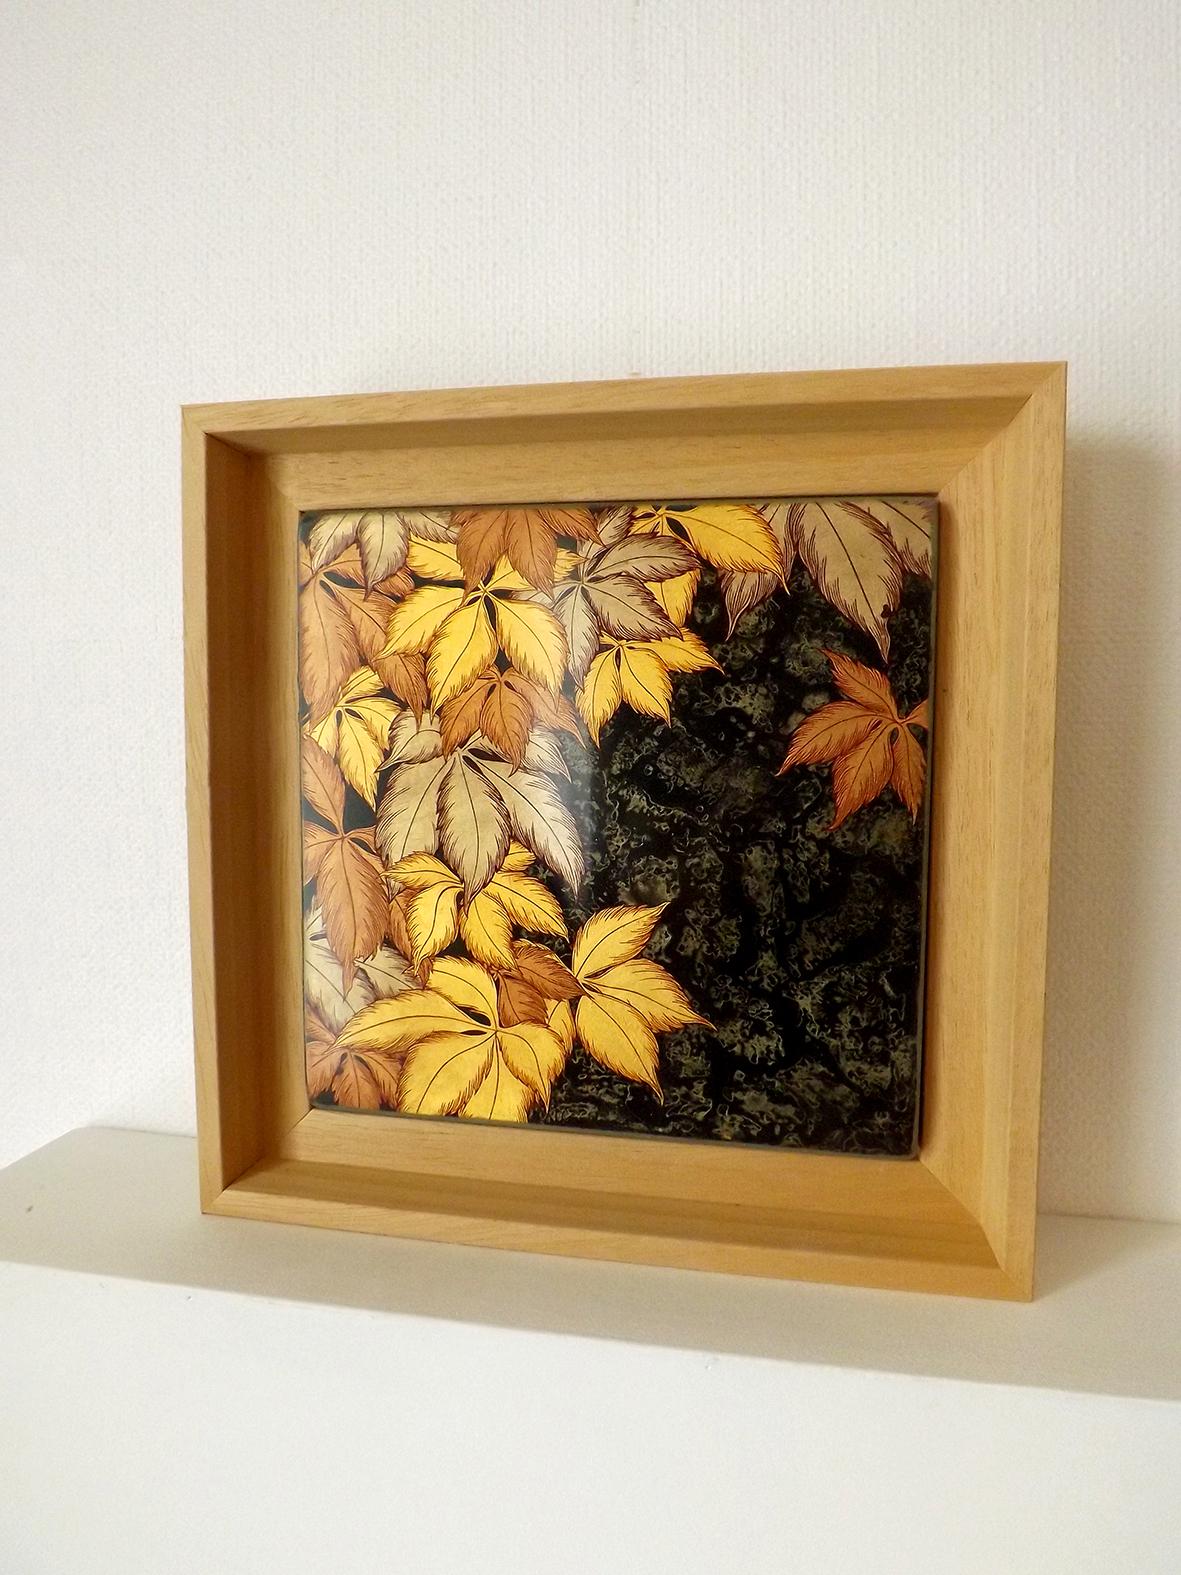 Sabi, 20x20 cm, 2019, laque sur bois avec pigments,  feuilles d'or rouge, moongold et bronzines